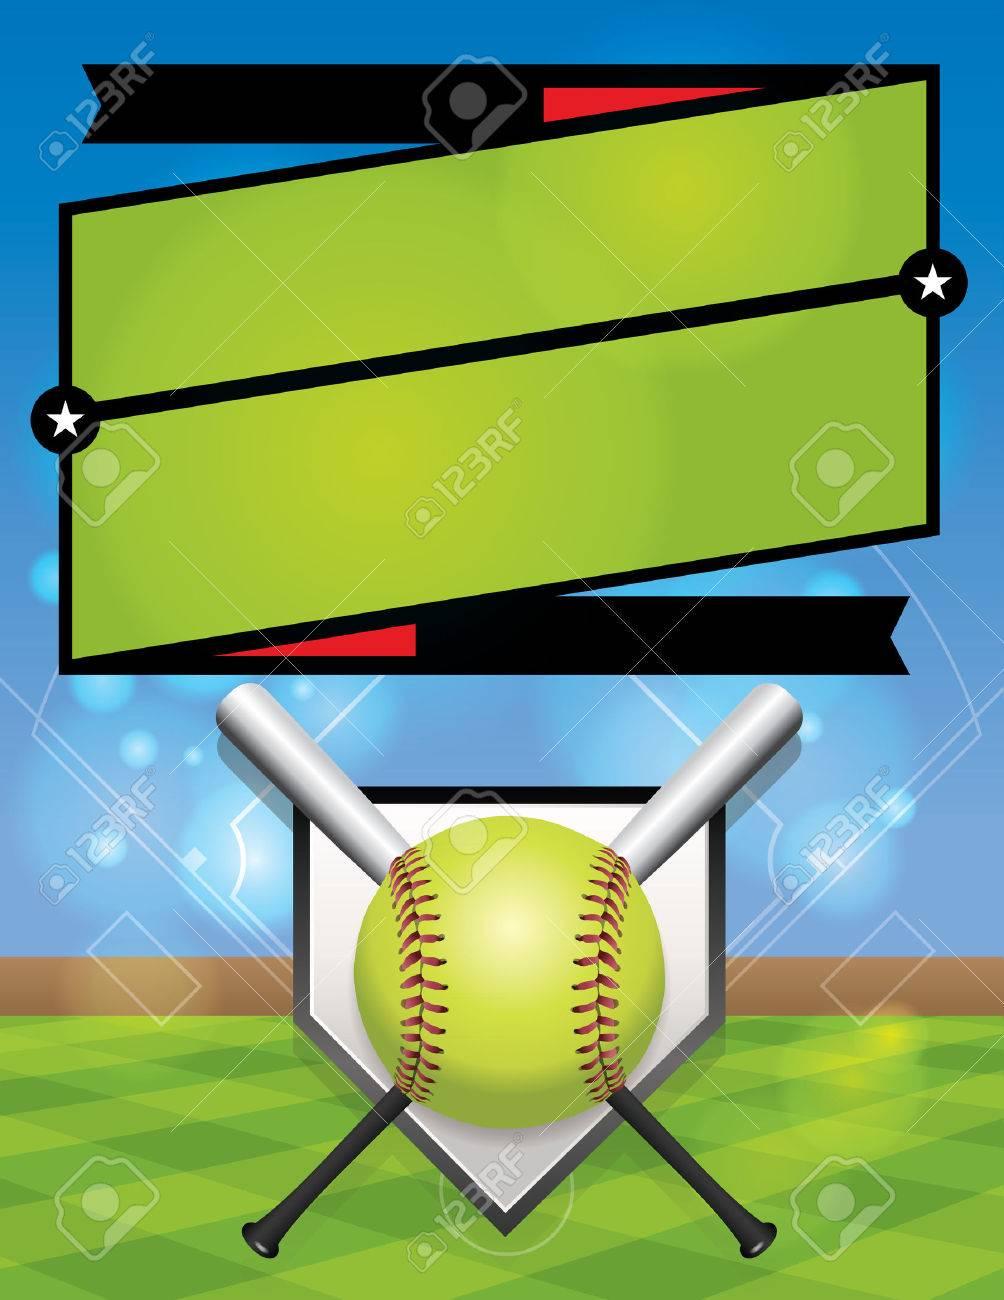 A vector illustration for a softball league flyer. - 49867945